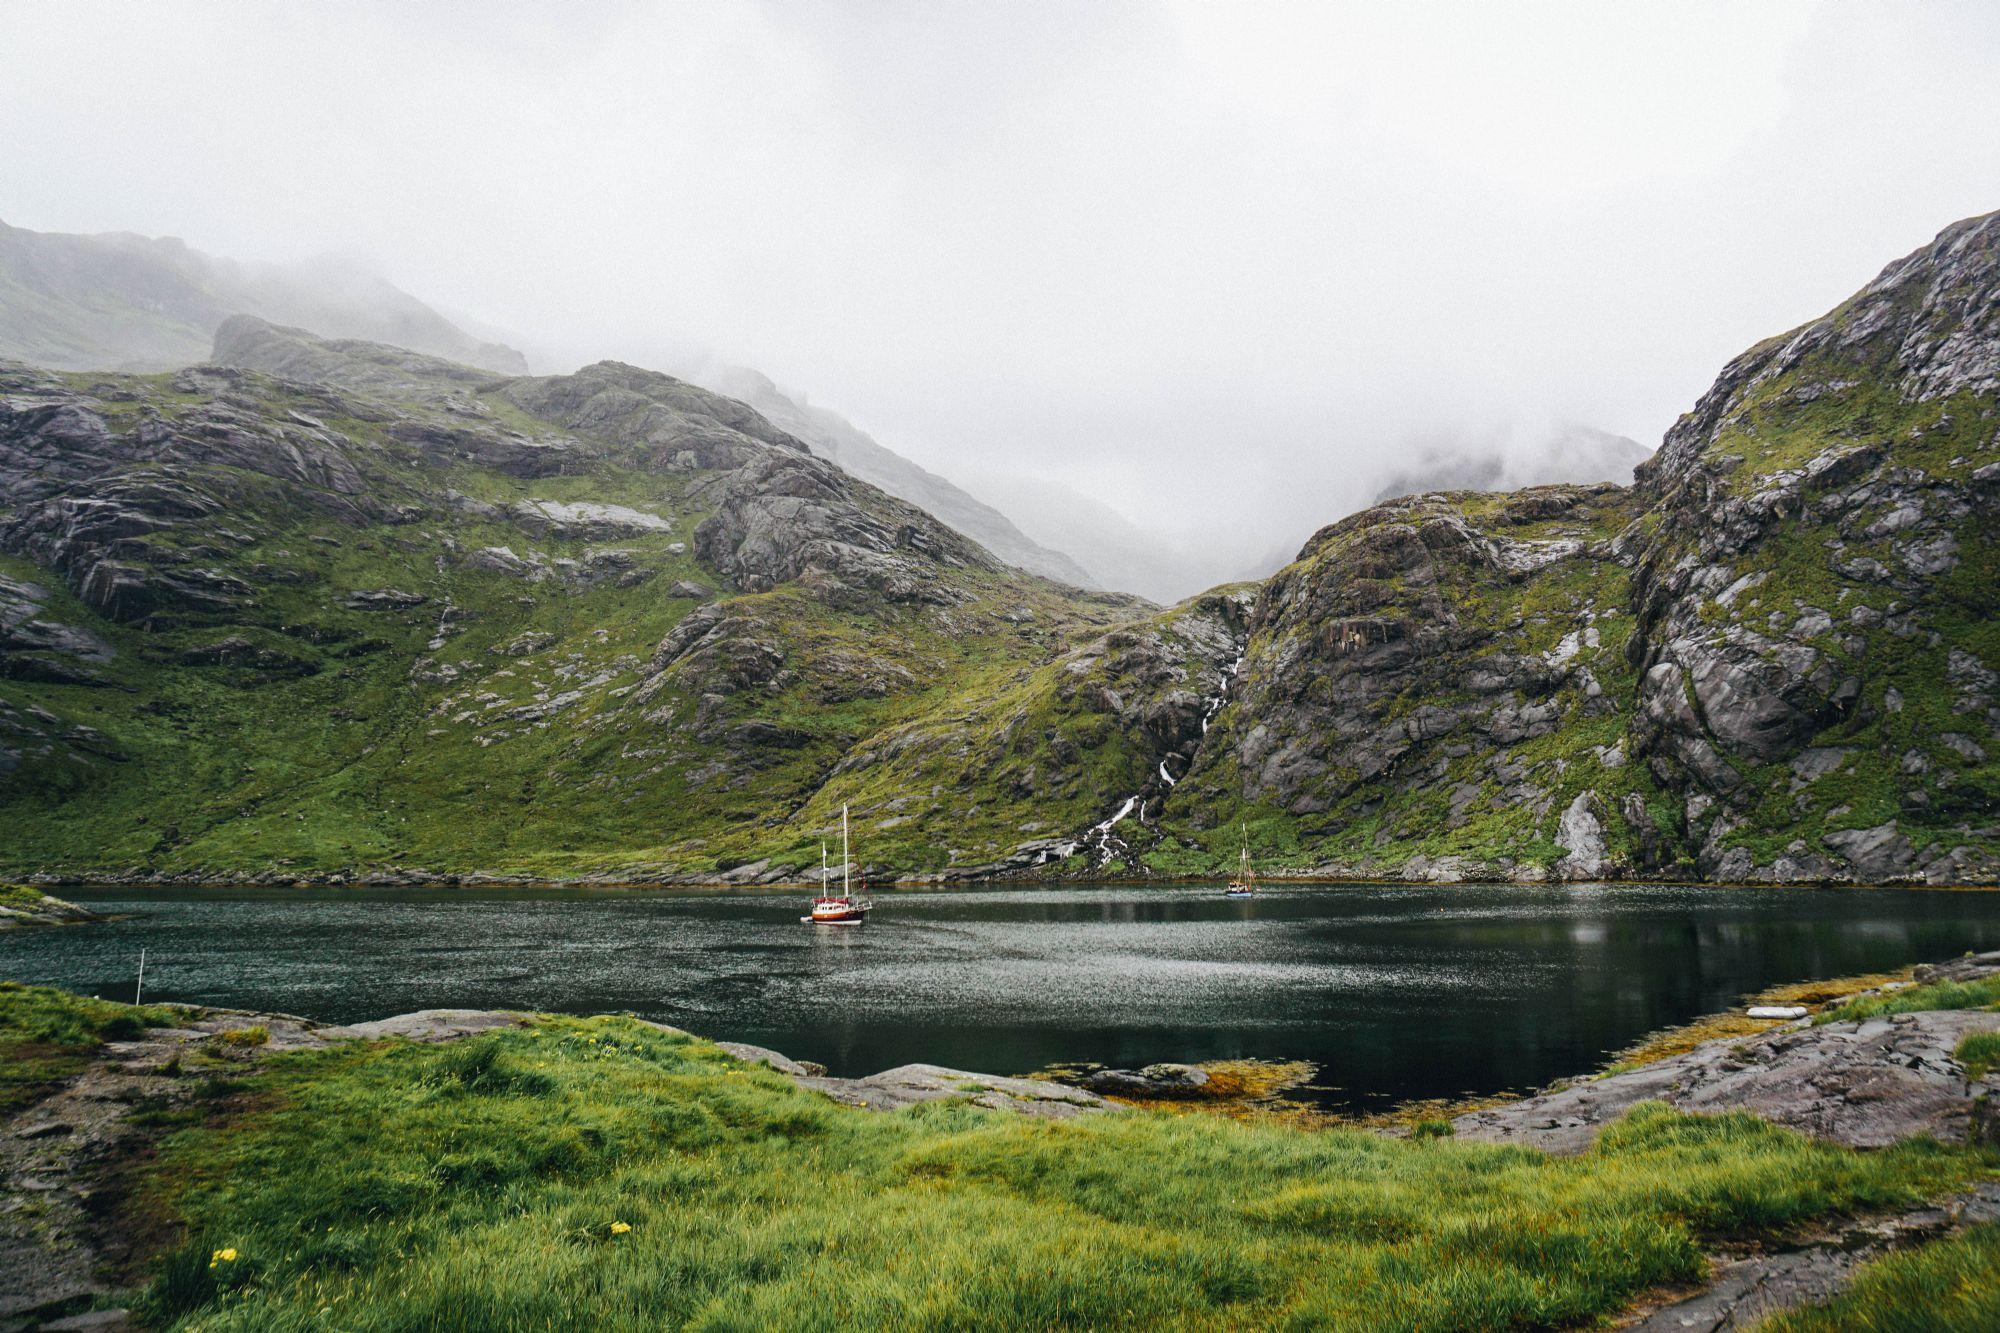 Sailing to Loch Coruisk